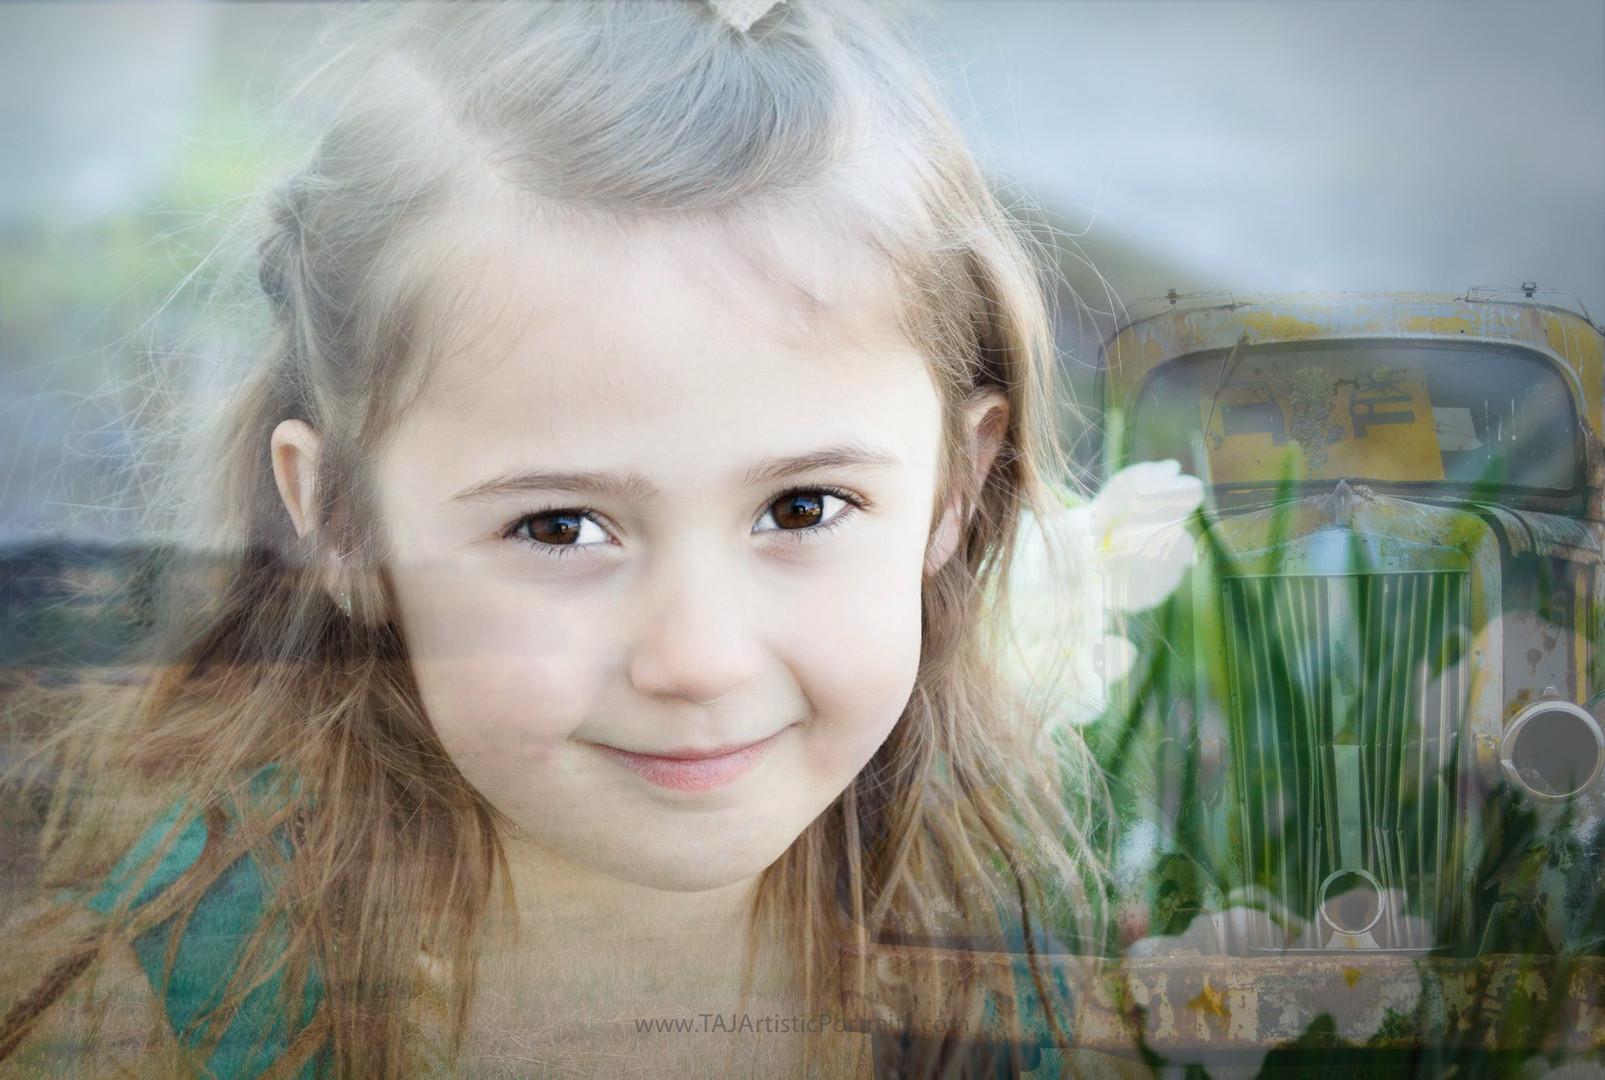 Fine Portrait Photography